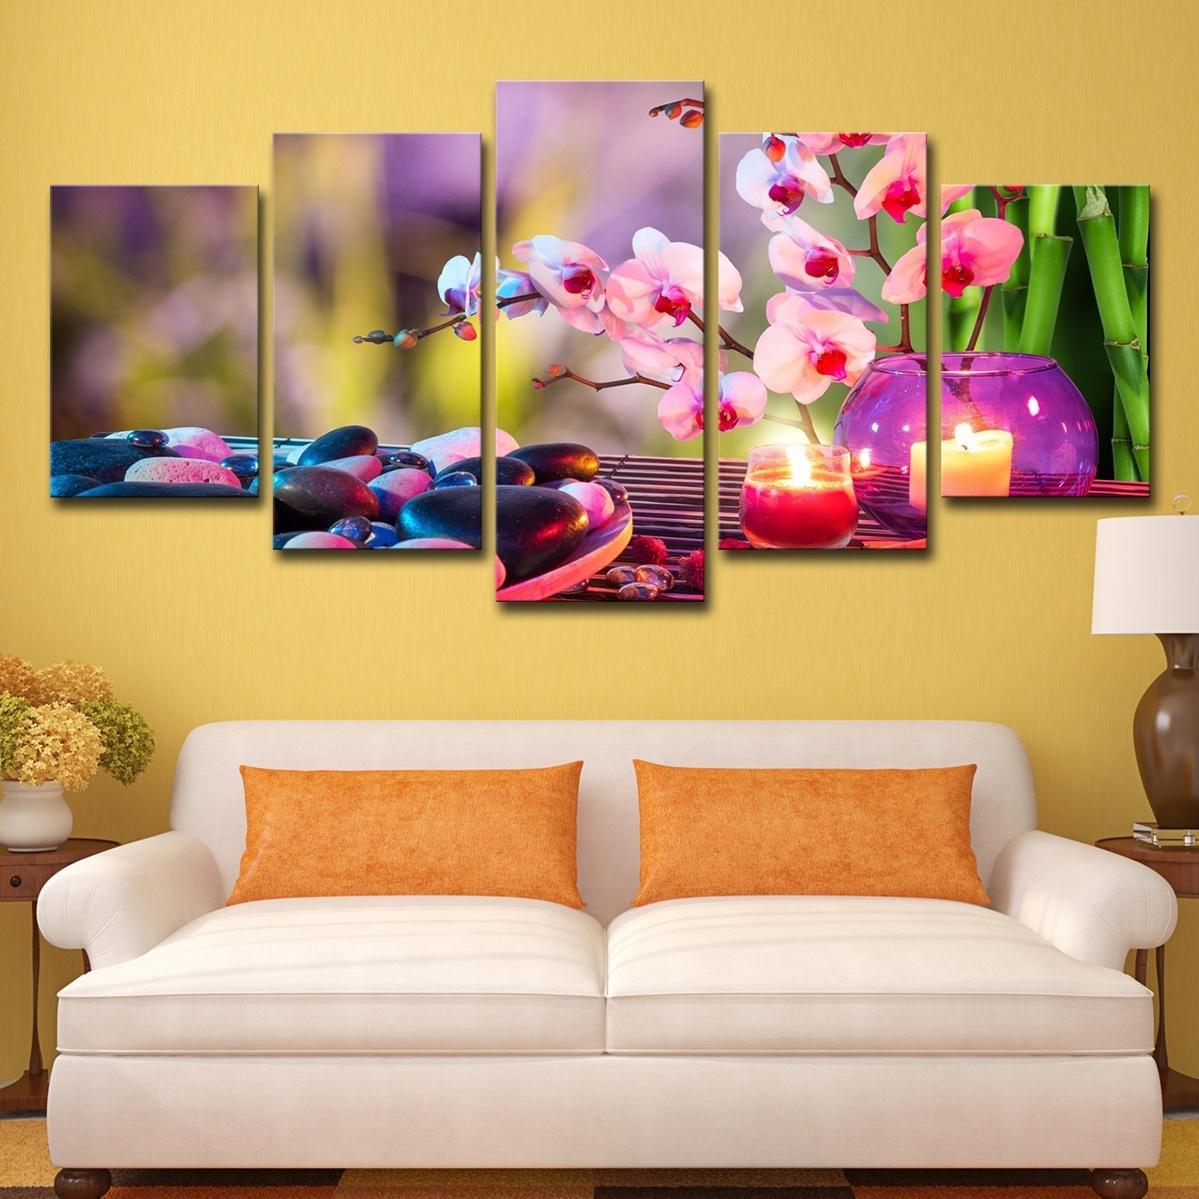 (유일한 캔버스 프레임 없음) 5Pcs 퍼플 나방 난초 캔들 유화 포스터 벽 아트 HD 인쇄 캔버스 페인팅 패션 매달려 사진